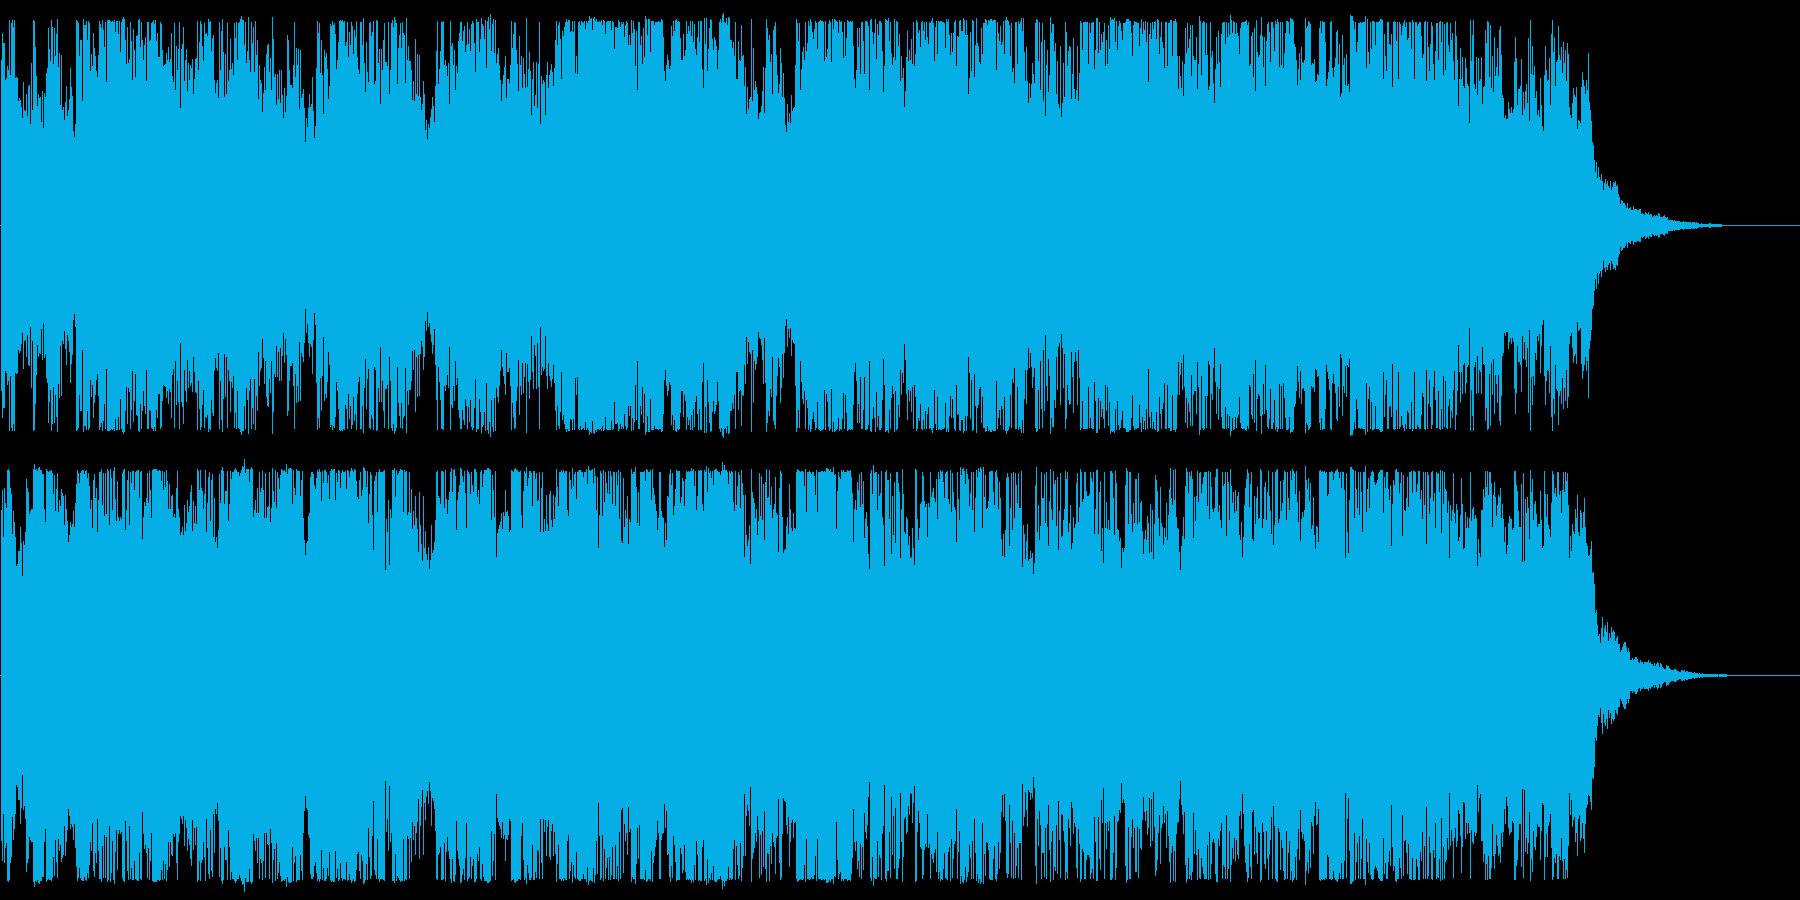 トレーラー、予告編 幻想的な30秒曲の再生済みの波形